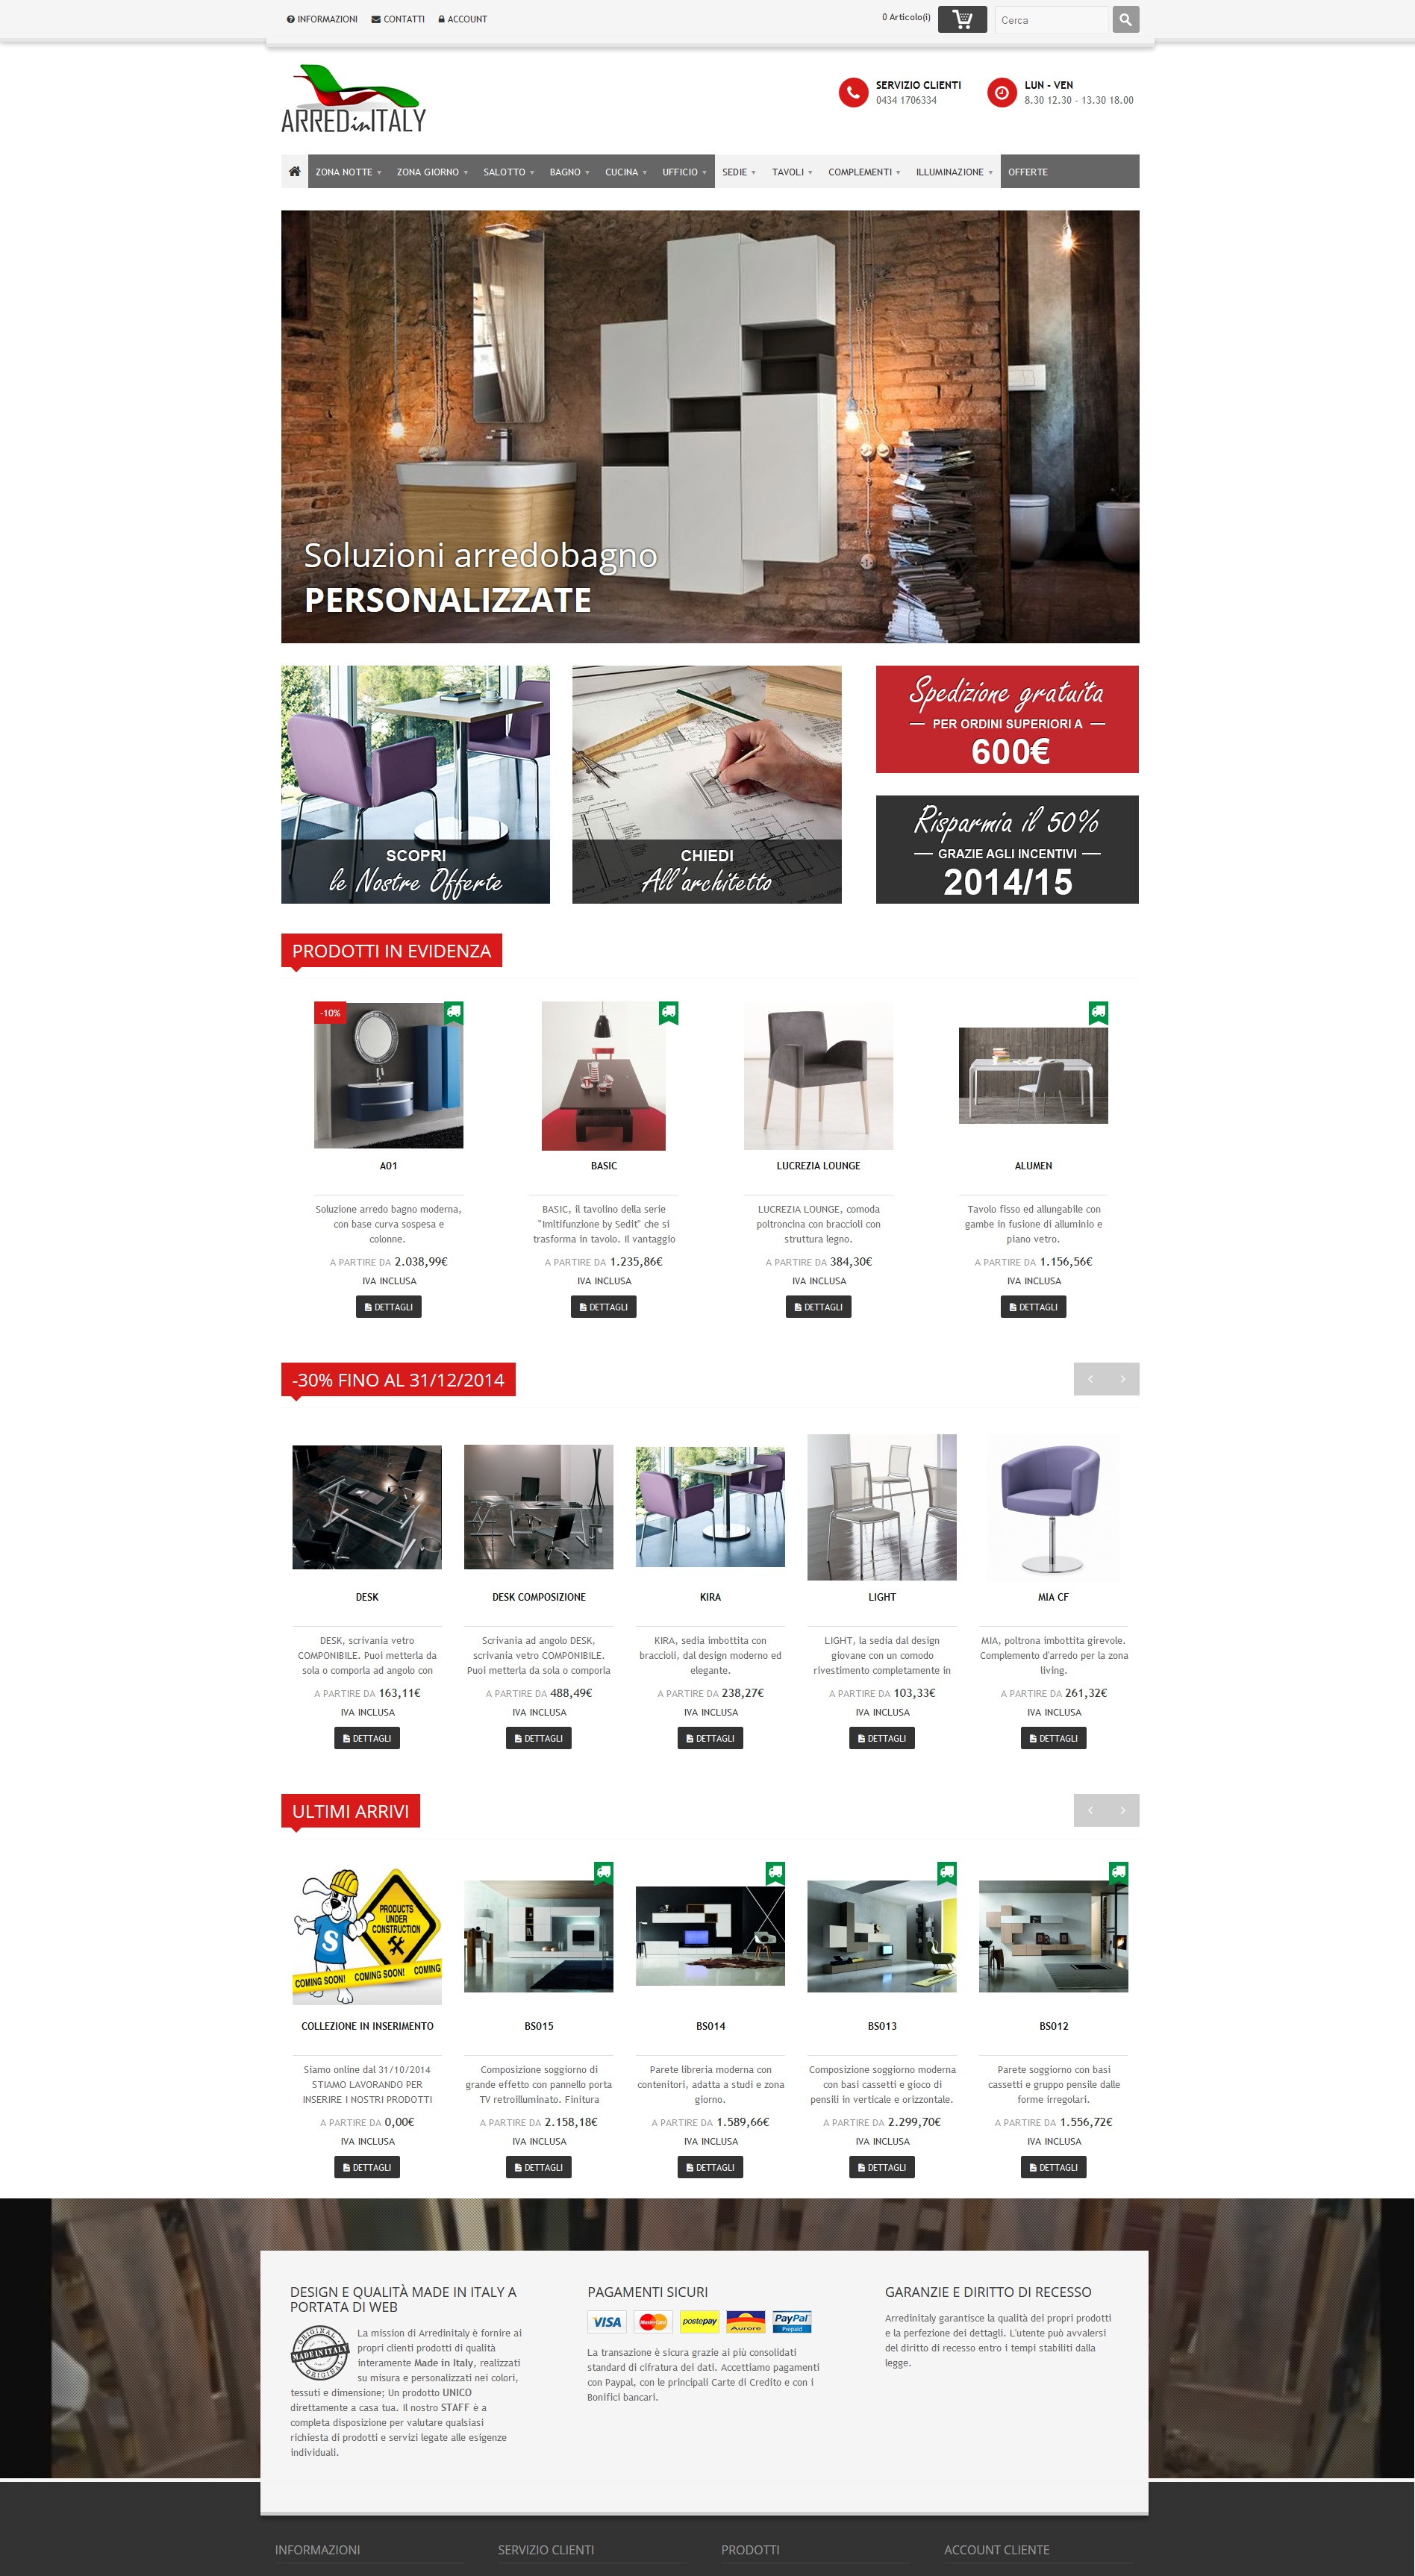 Vendita online di mobili e arredamento for Vendita di mobili online